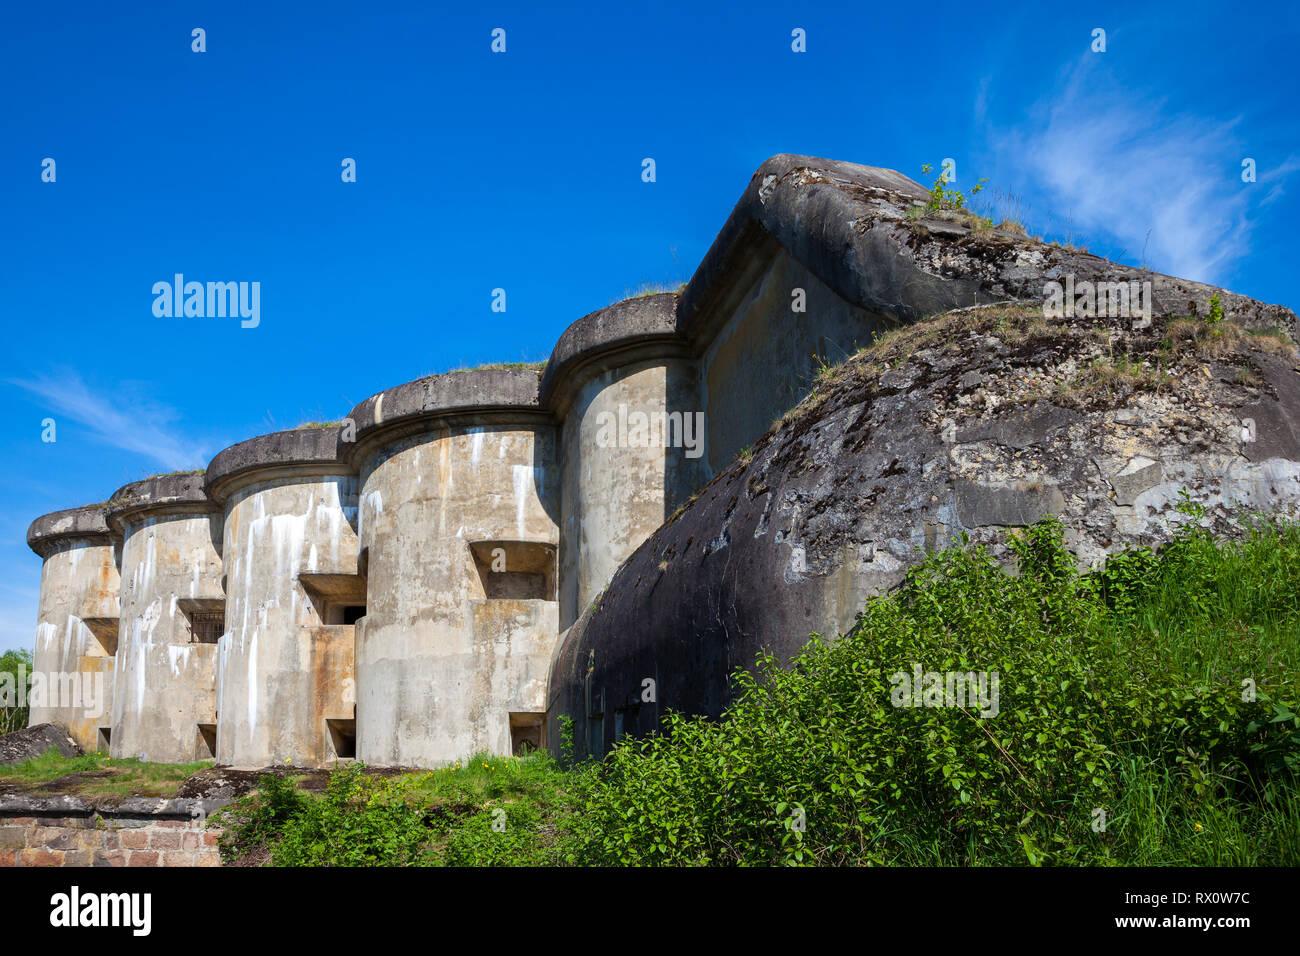 Brest, Belarus - May 12, 2015: The Fifth Fort of Brest Fortress in Belarus. Brest, Belarus. - Stock Image